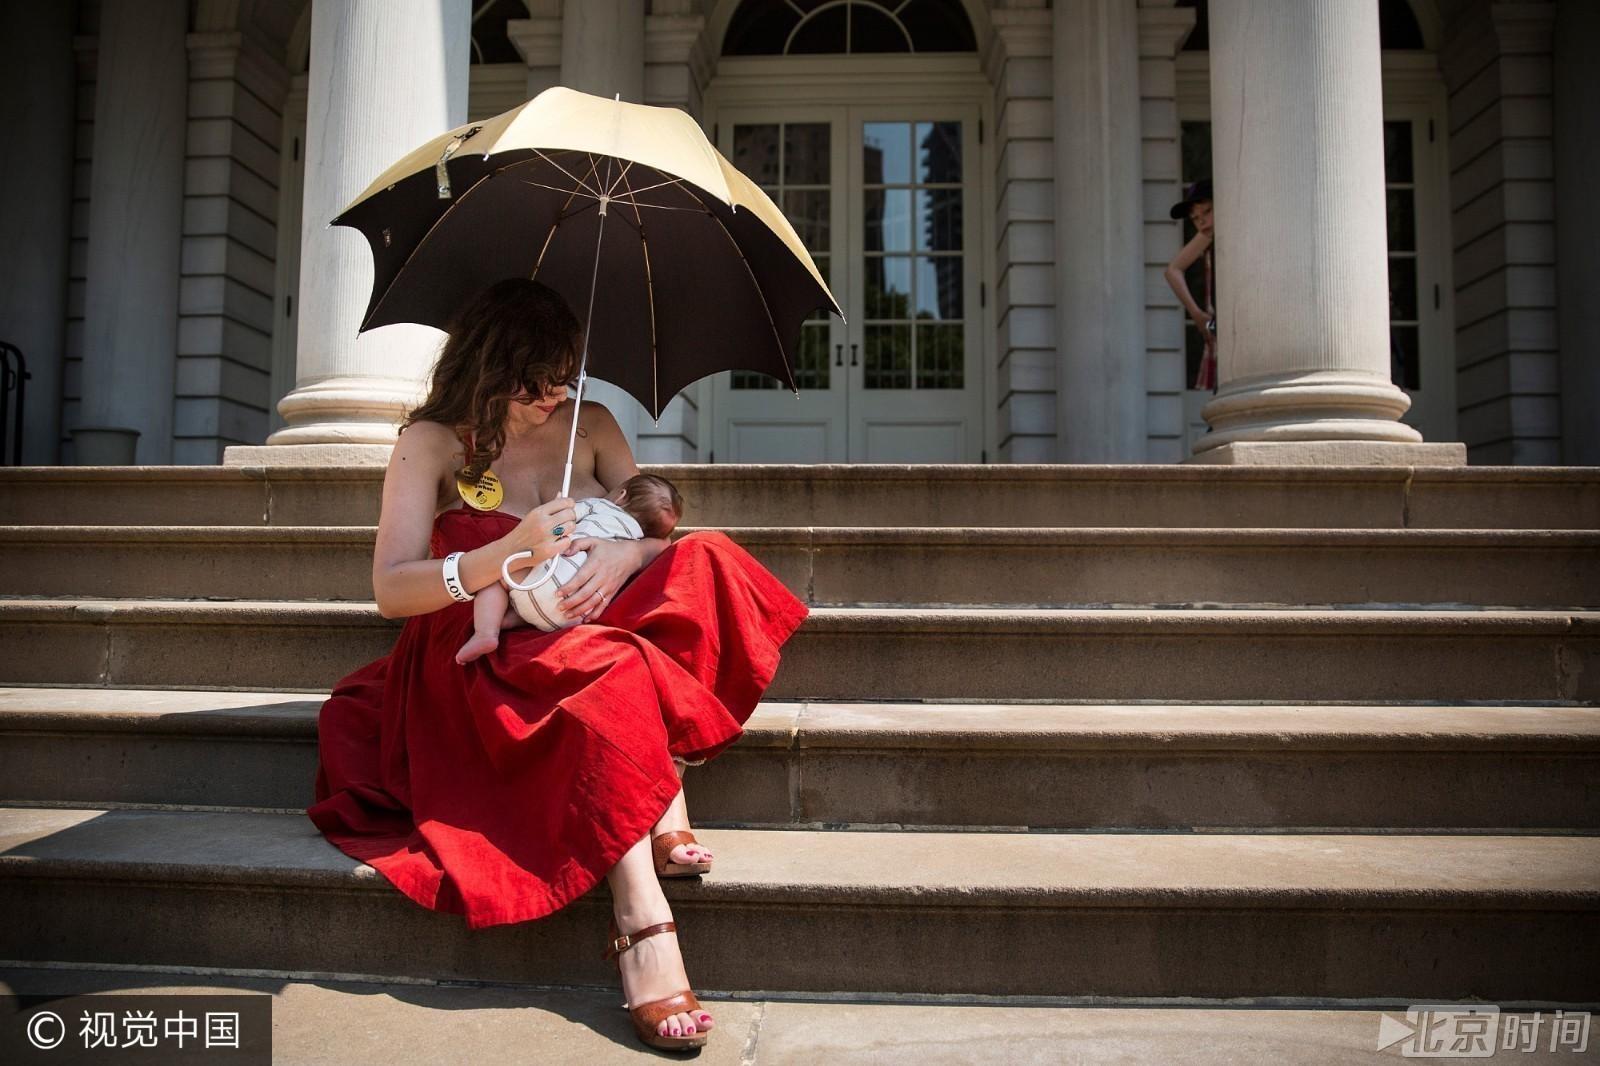 【转载】世界母乳喂养周!各国妈妈带宝贝呼吁爱营造爱 - 香雪 - 鲜花盛开的村庄